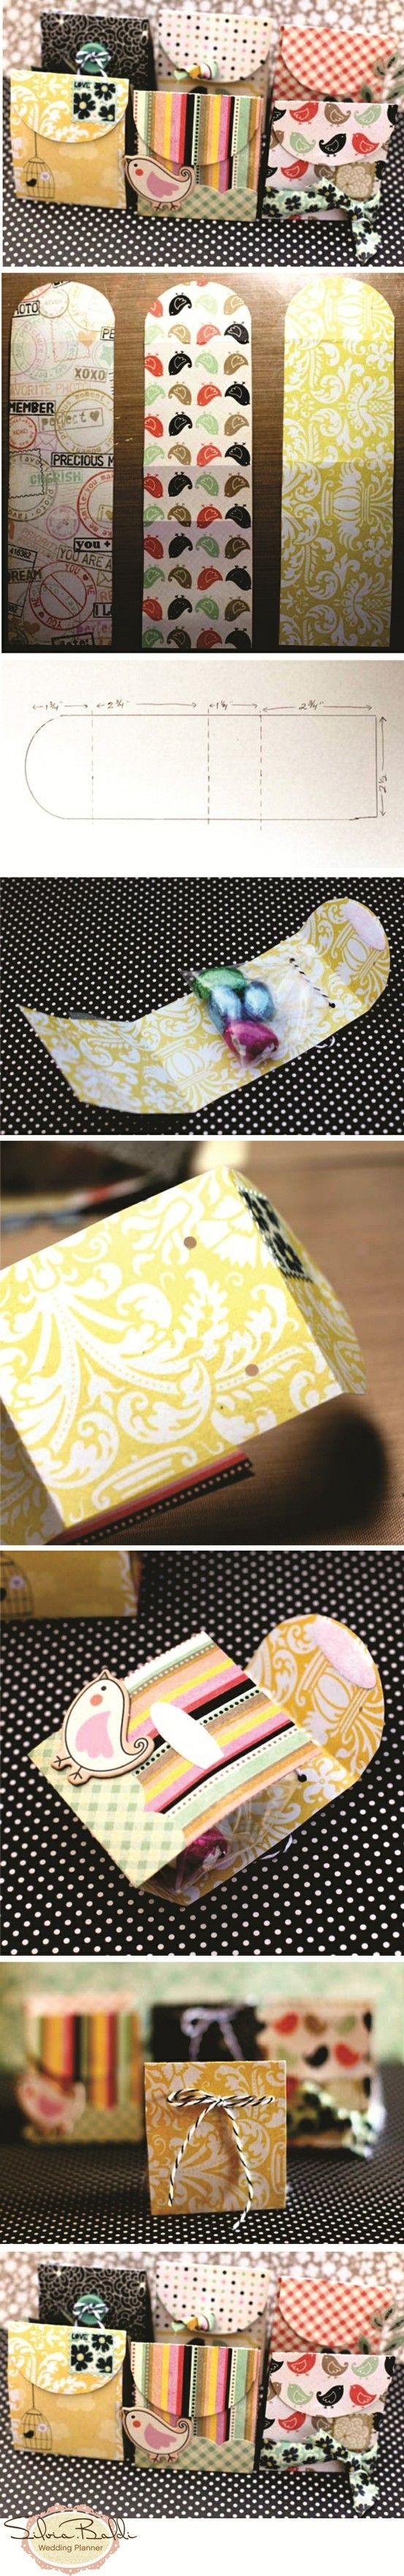 手工DIY 可愛的禮物包裝盒